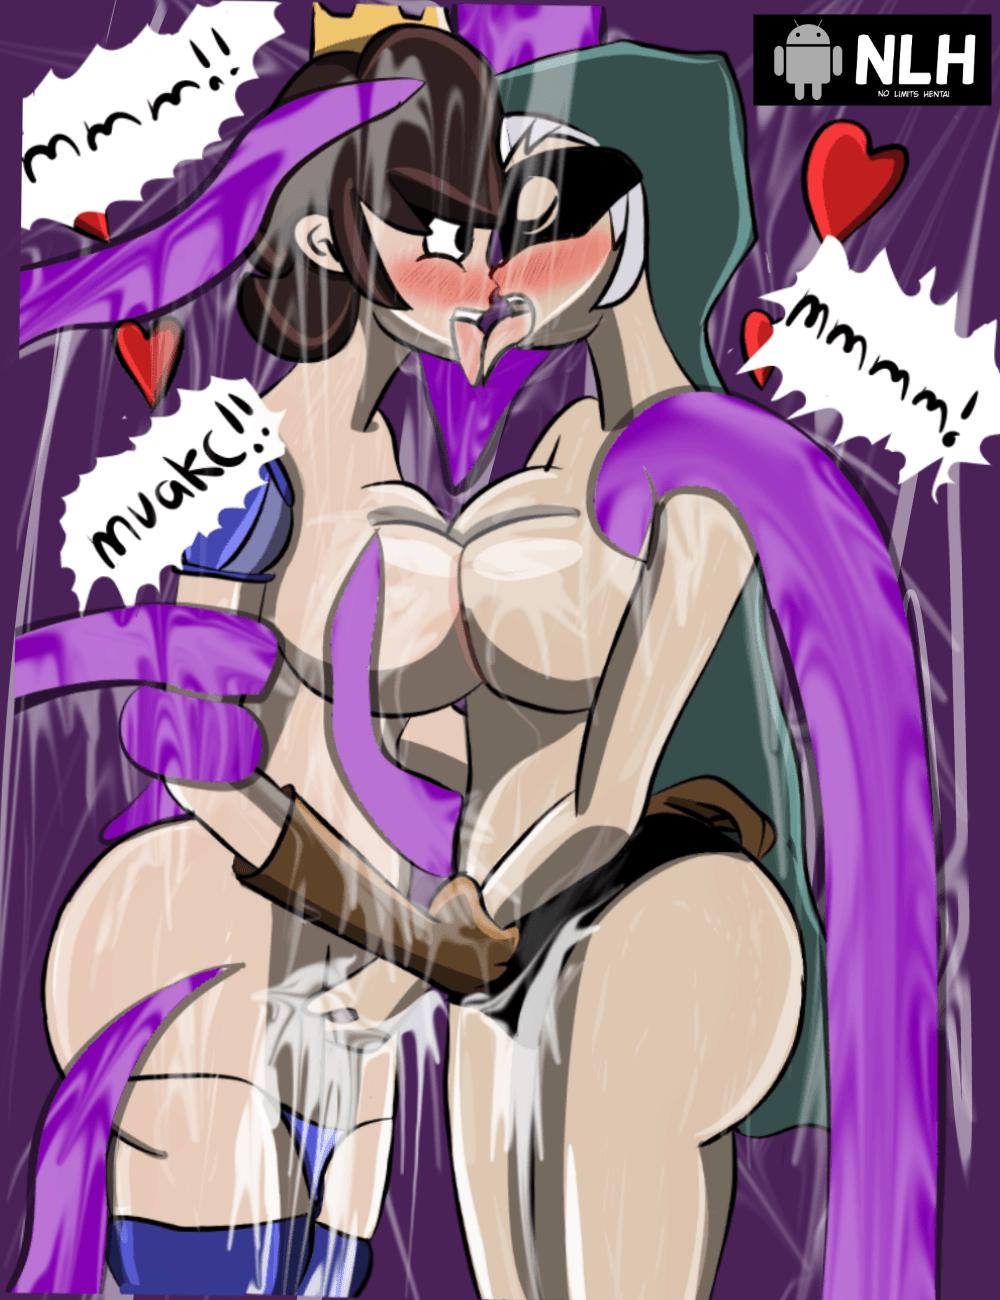 of clash gay clans porn Batman arkham knight harley quinn porn